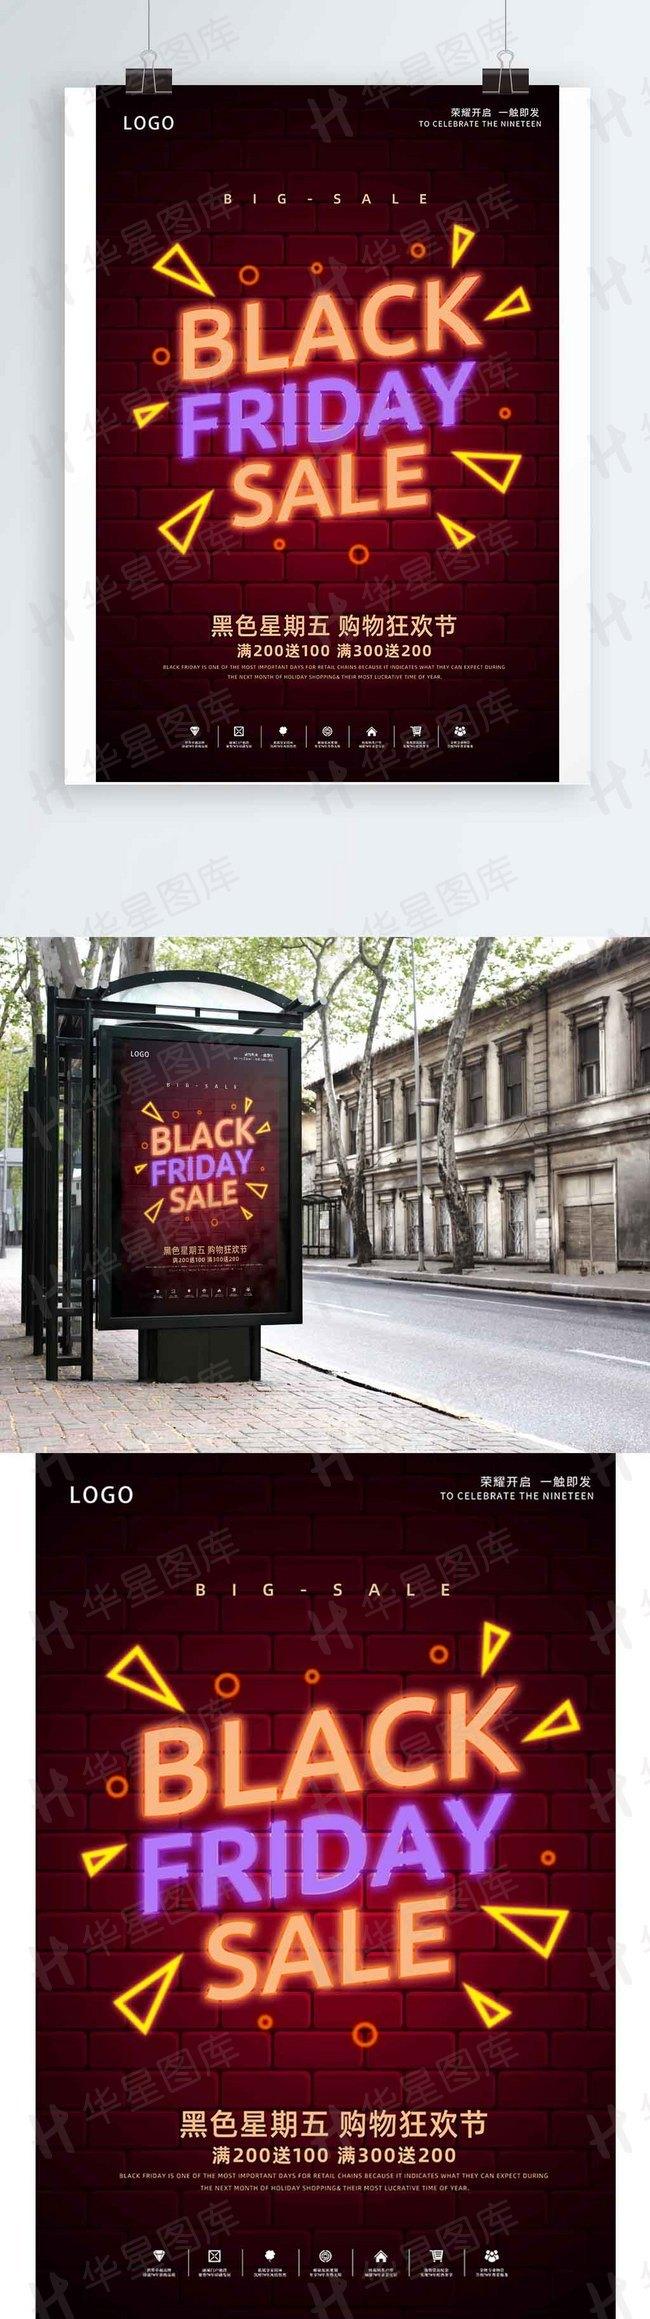 霓虹灯效果黑色星期五促销海报